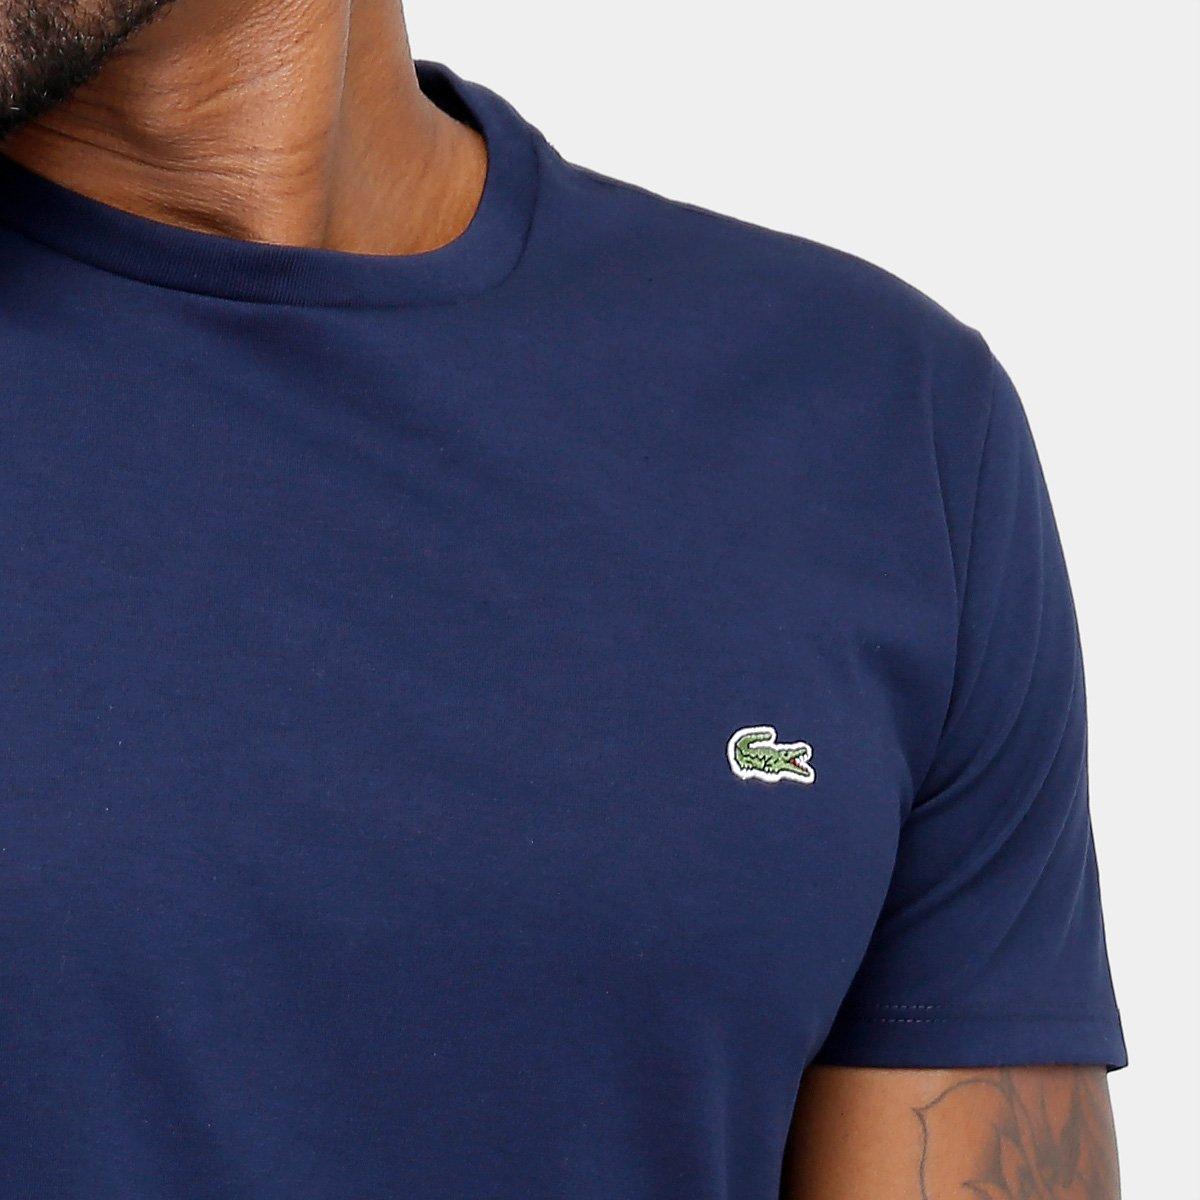 2b19306920ef2 Camiseta Lacoste Básica Jersey Masculina - Marinho - Compre Agora ...